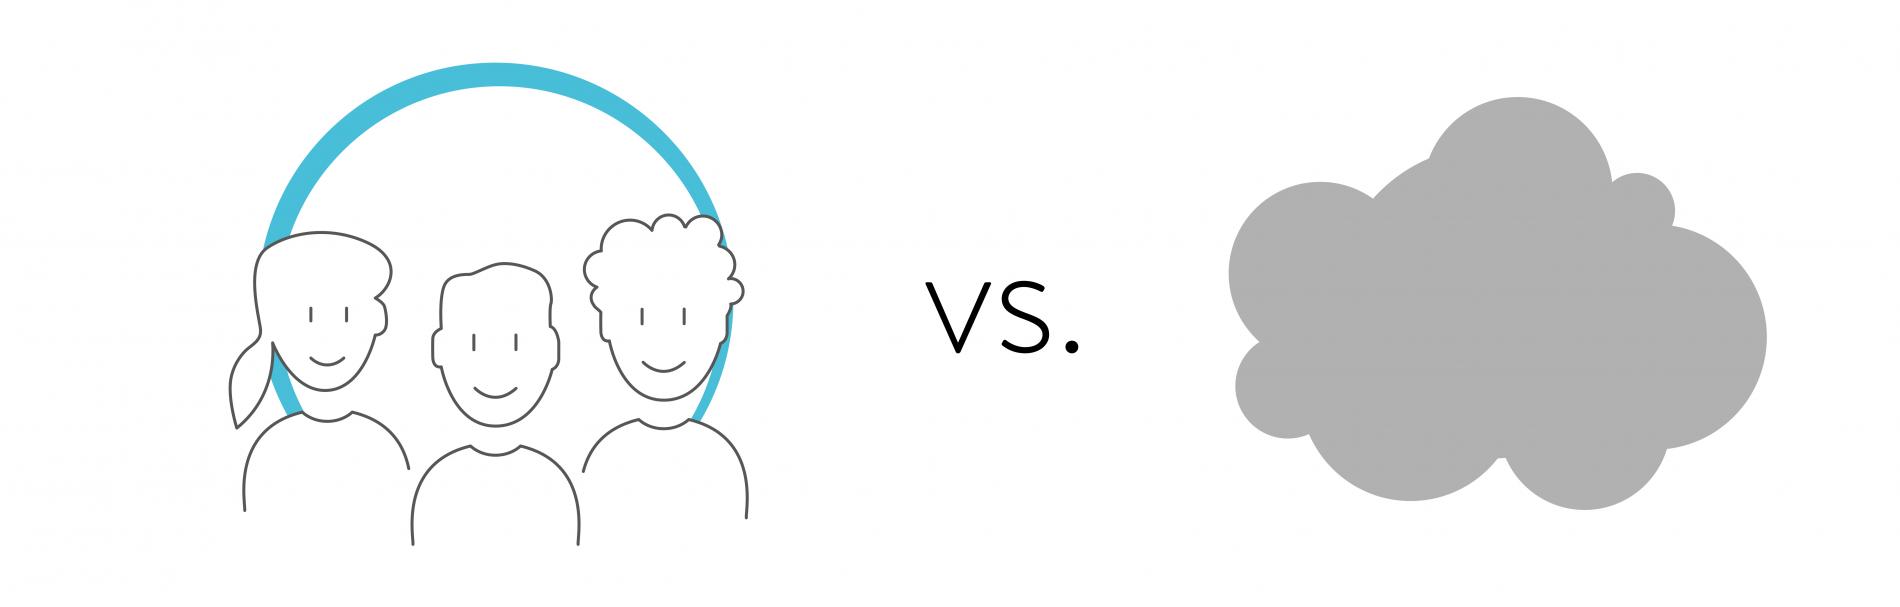 Community (dargesteltt durch 3 gezeichnete Personen) vs. Cloud (dargestellt durch eine graue Wolke)